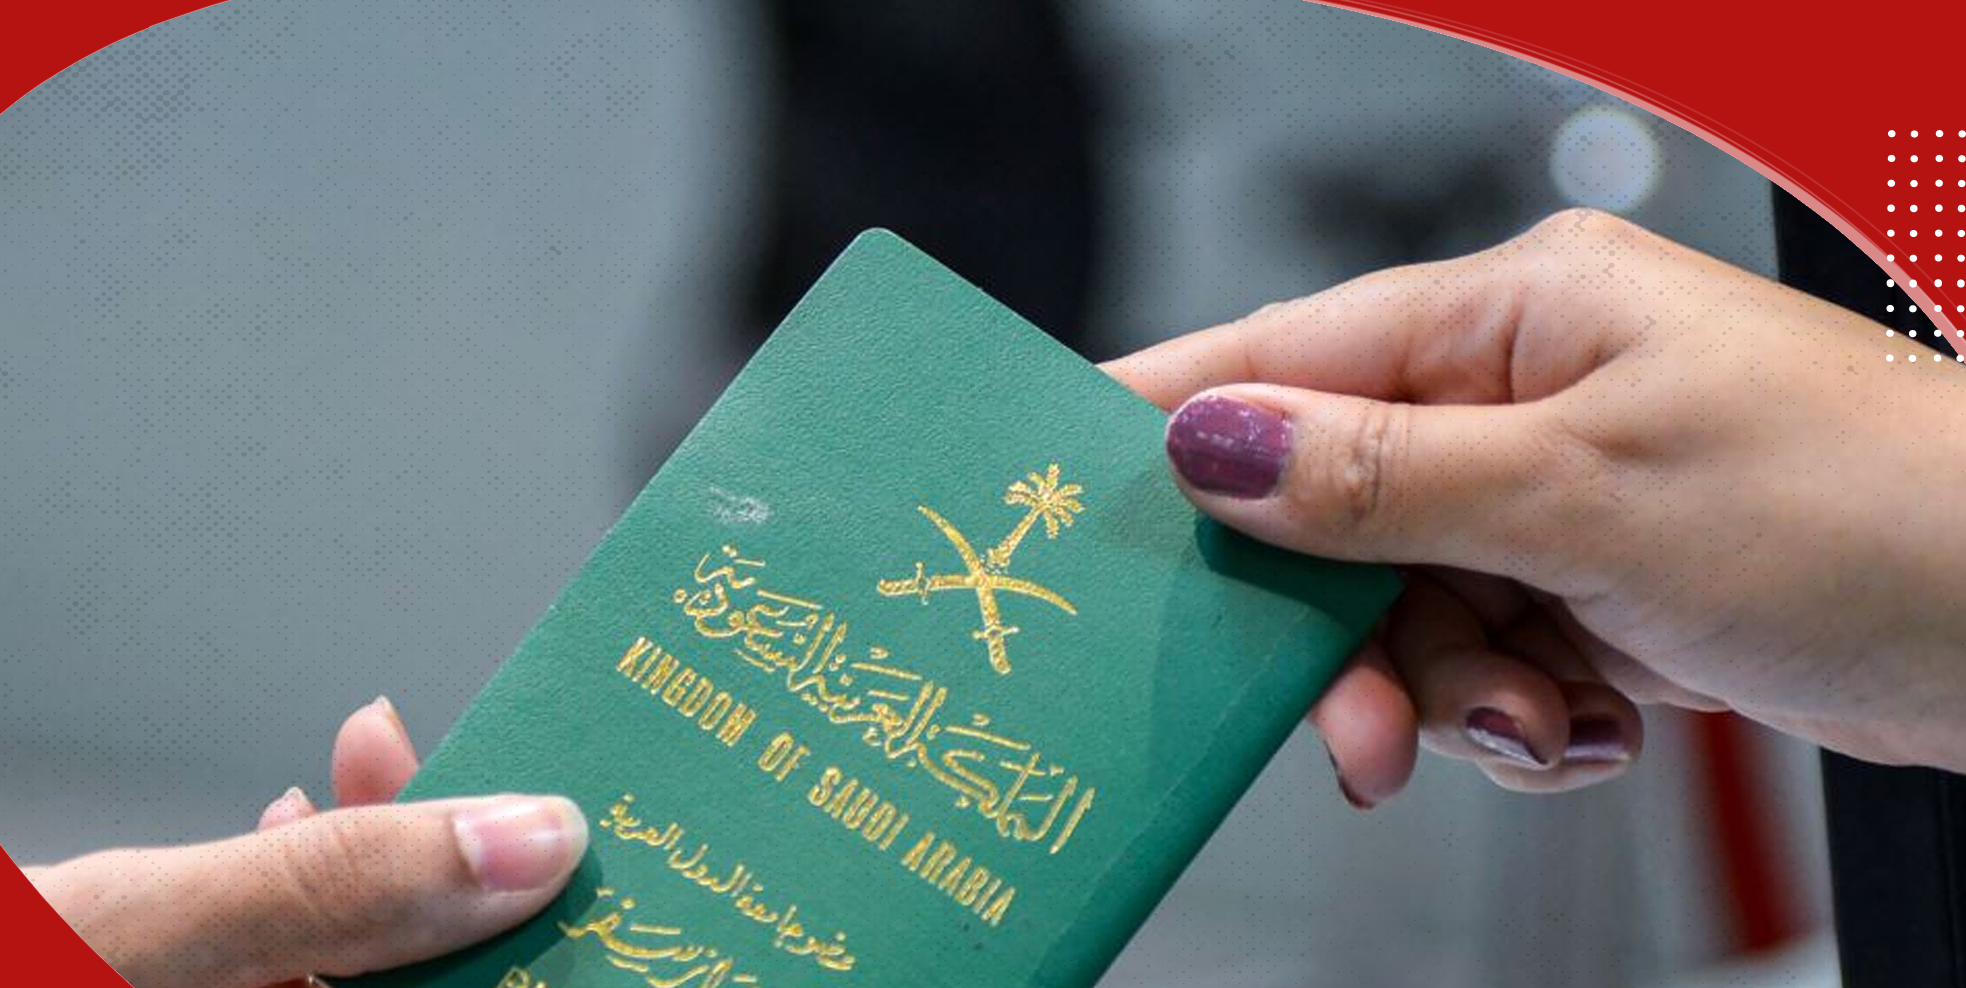 شروط تجنيس زوجة المواطن السعودي 1442